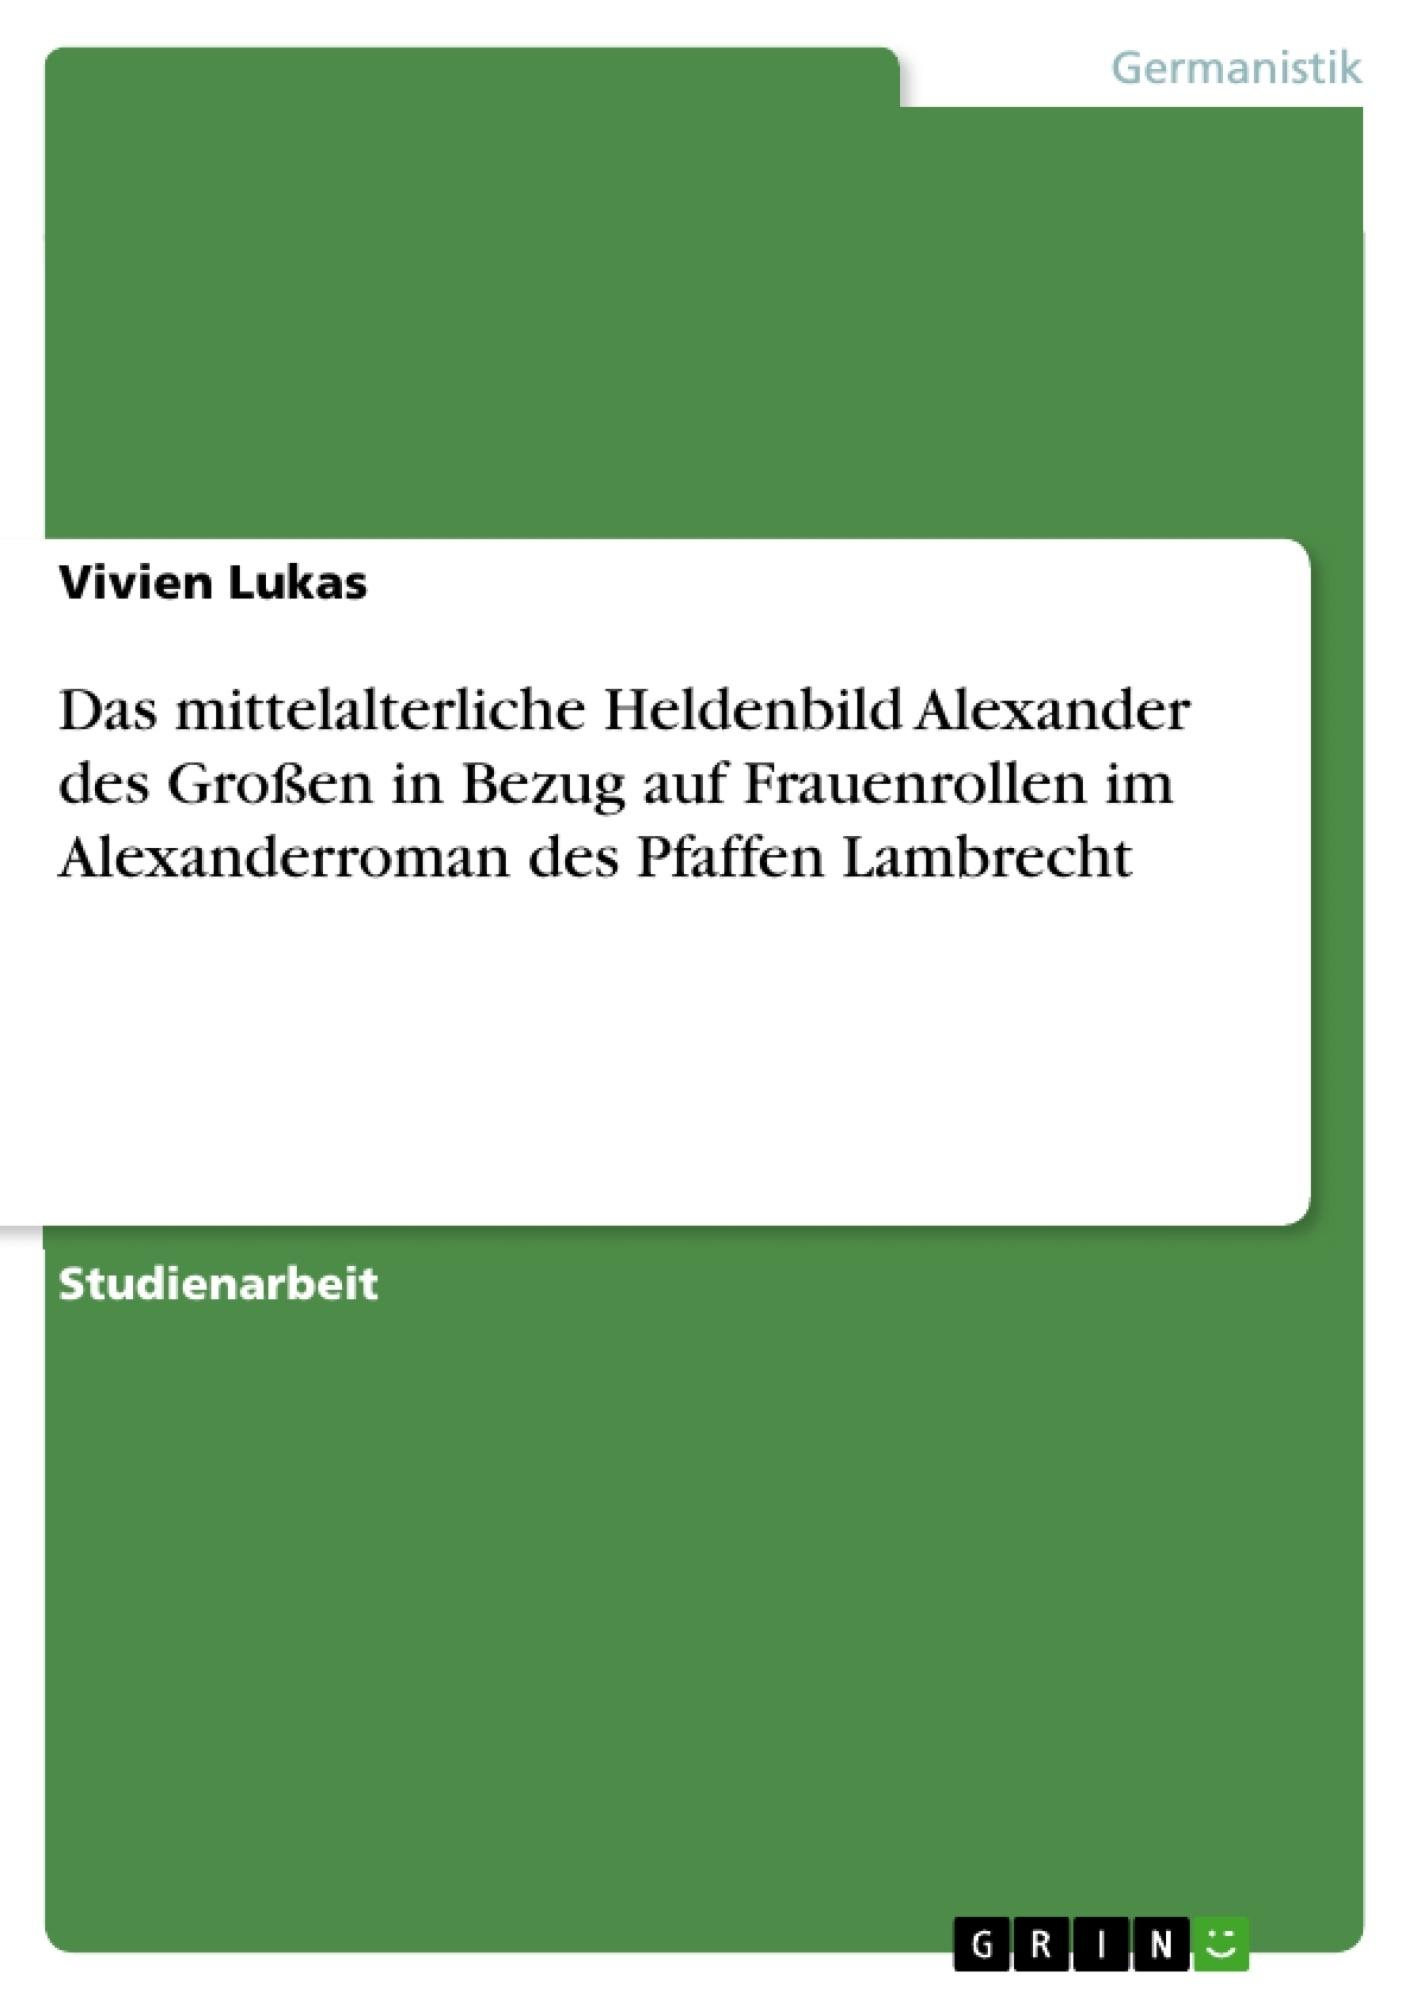 Titel: Das mittelalterliche Heldenbild Alexander des Großen in Bezug auf Frauenrollen im Alexanderroman des Pfaffen Lambrecht